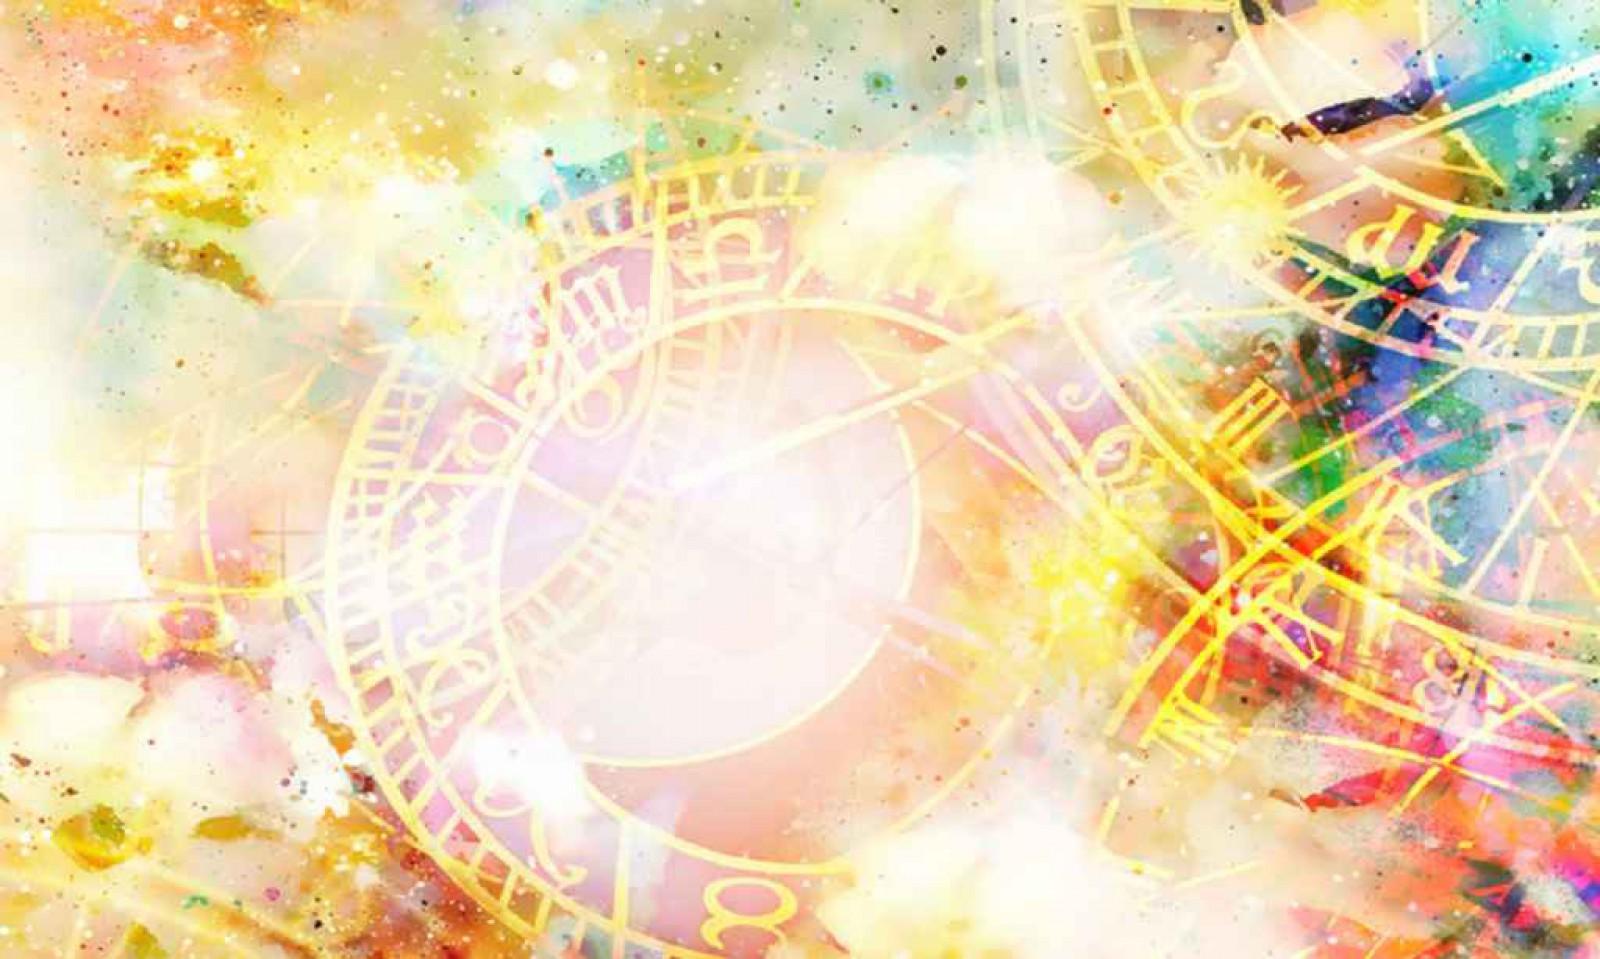 Horoscop 14 mai 2018: O zodie își poate găsi sufletul pereche